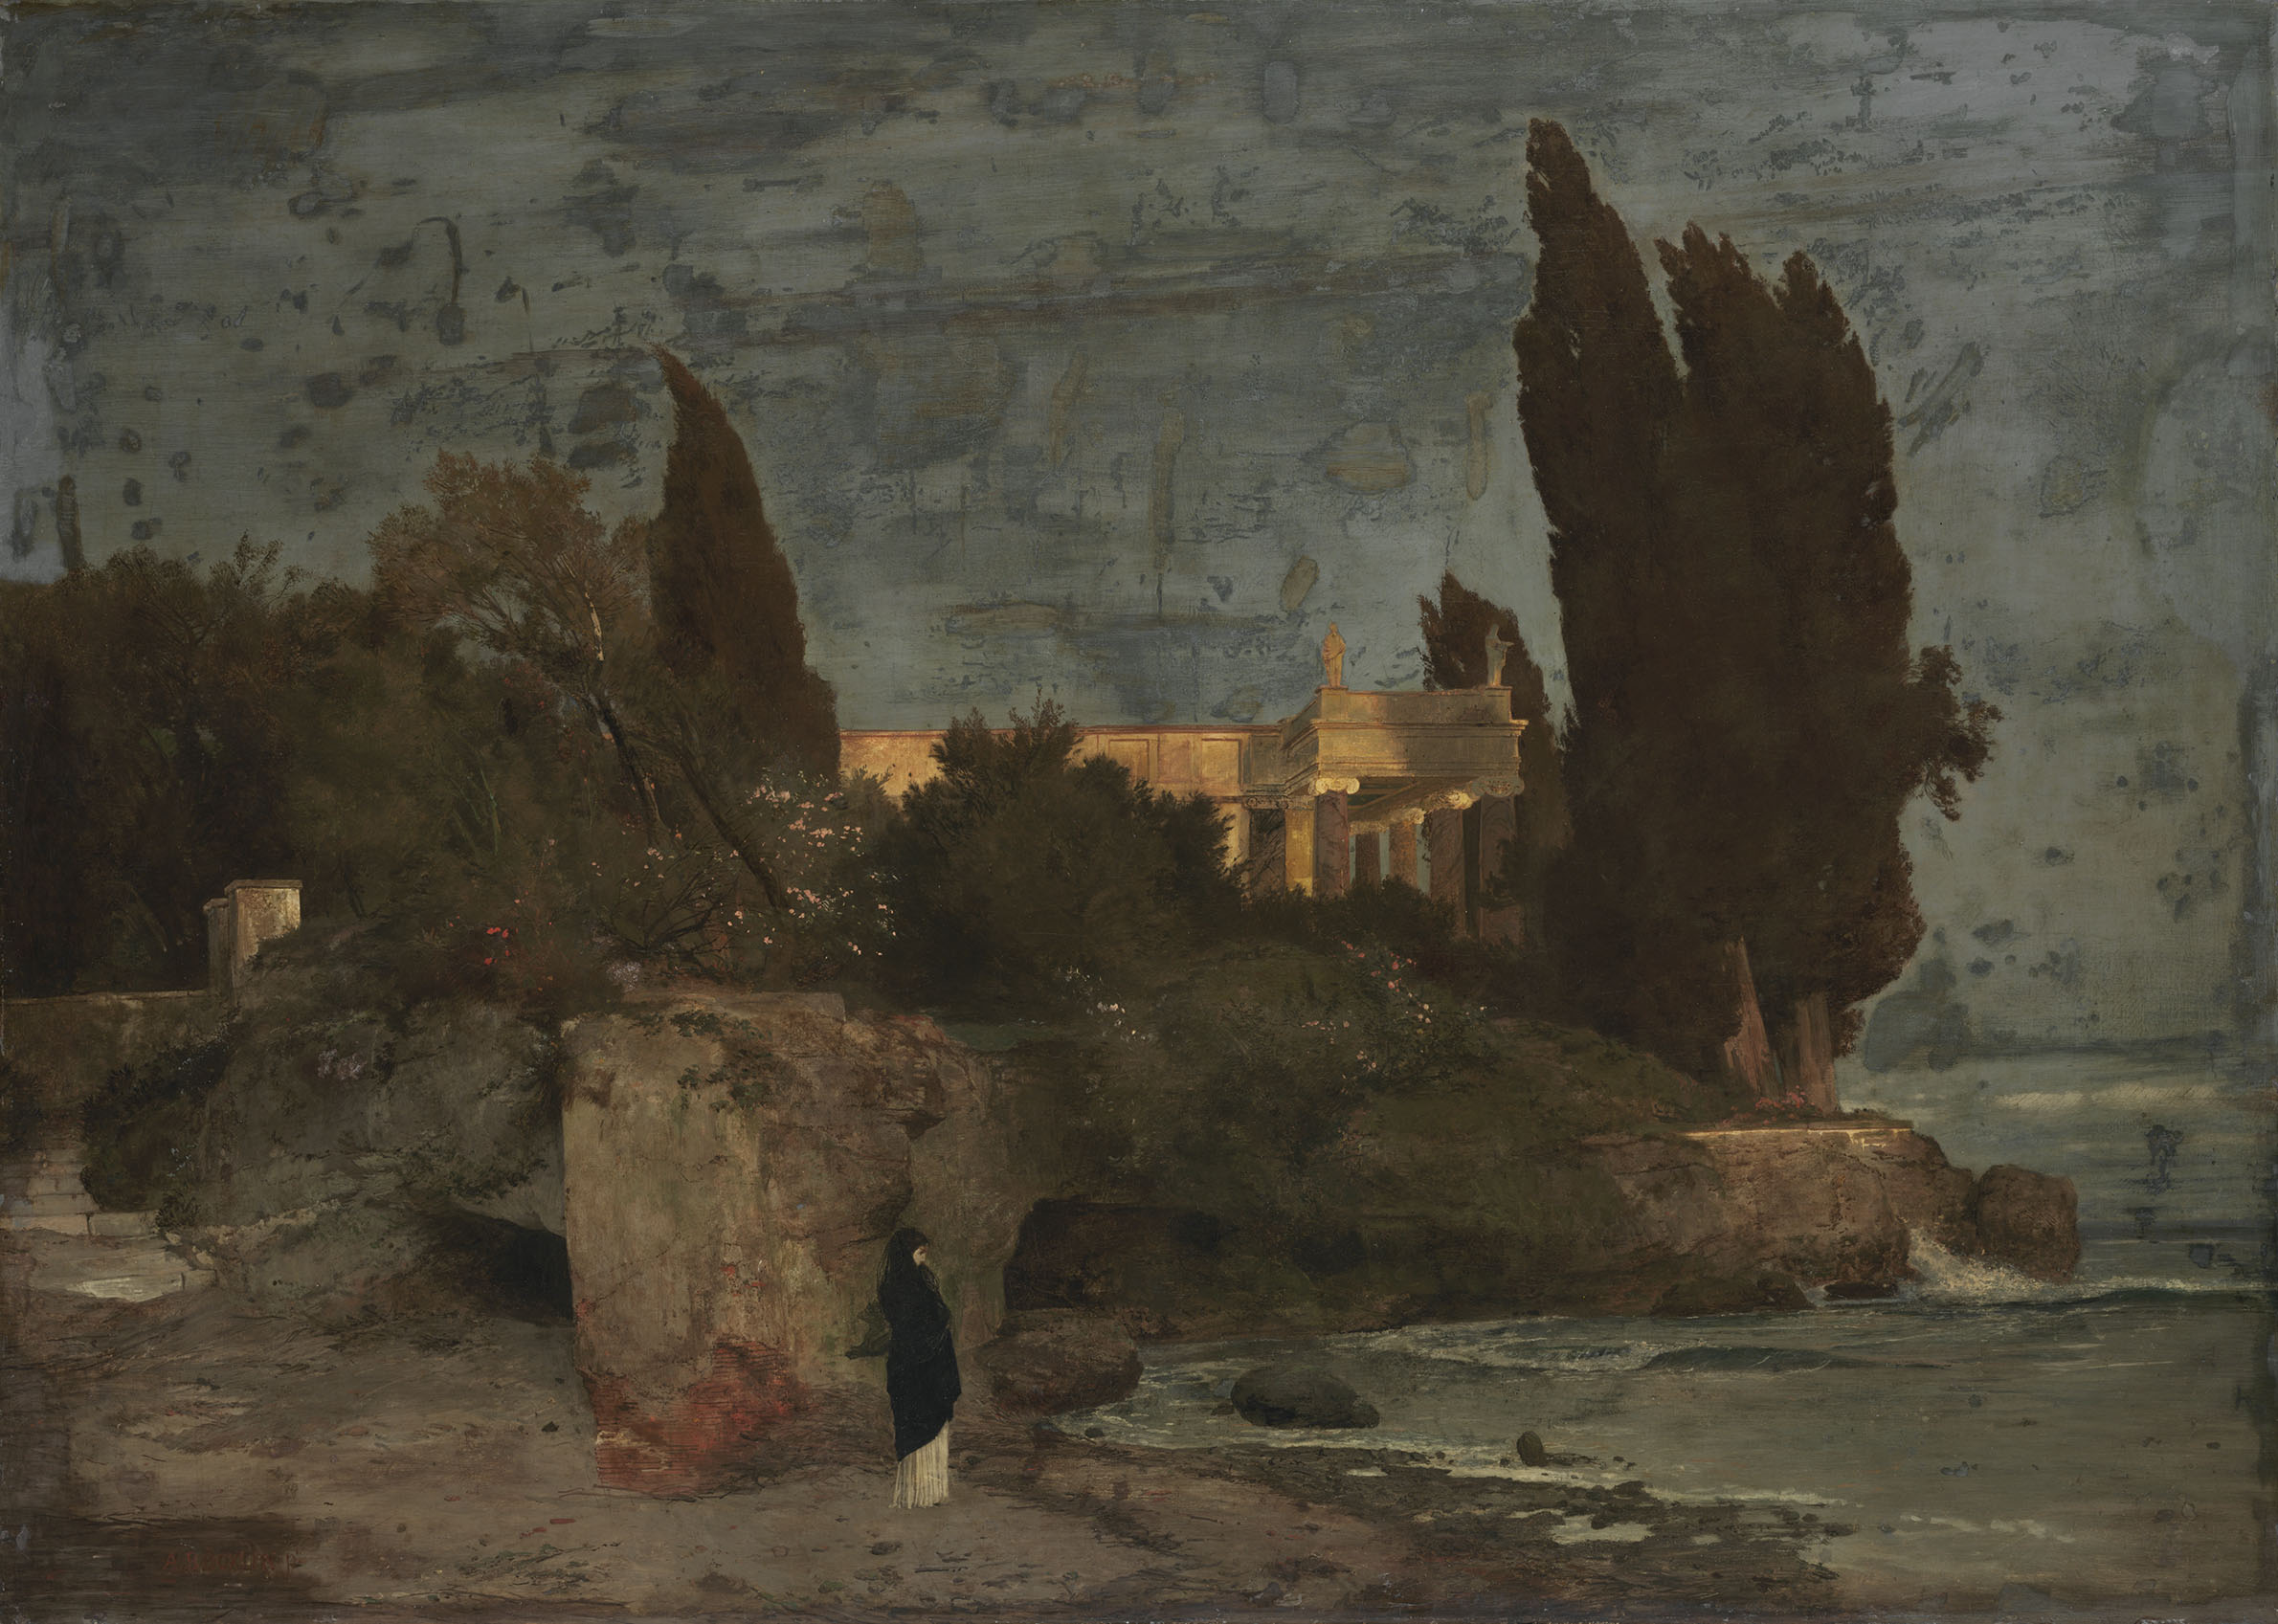 Файл:Arnold Böcklin - Villa am Meer I (1864).jpg